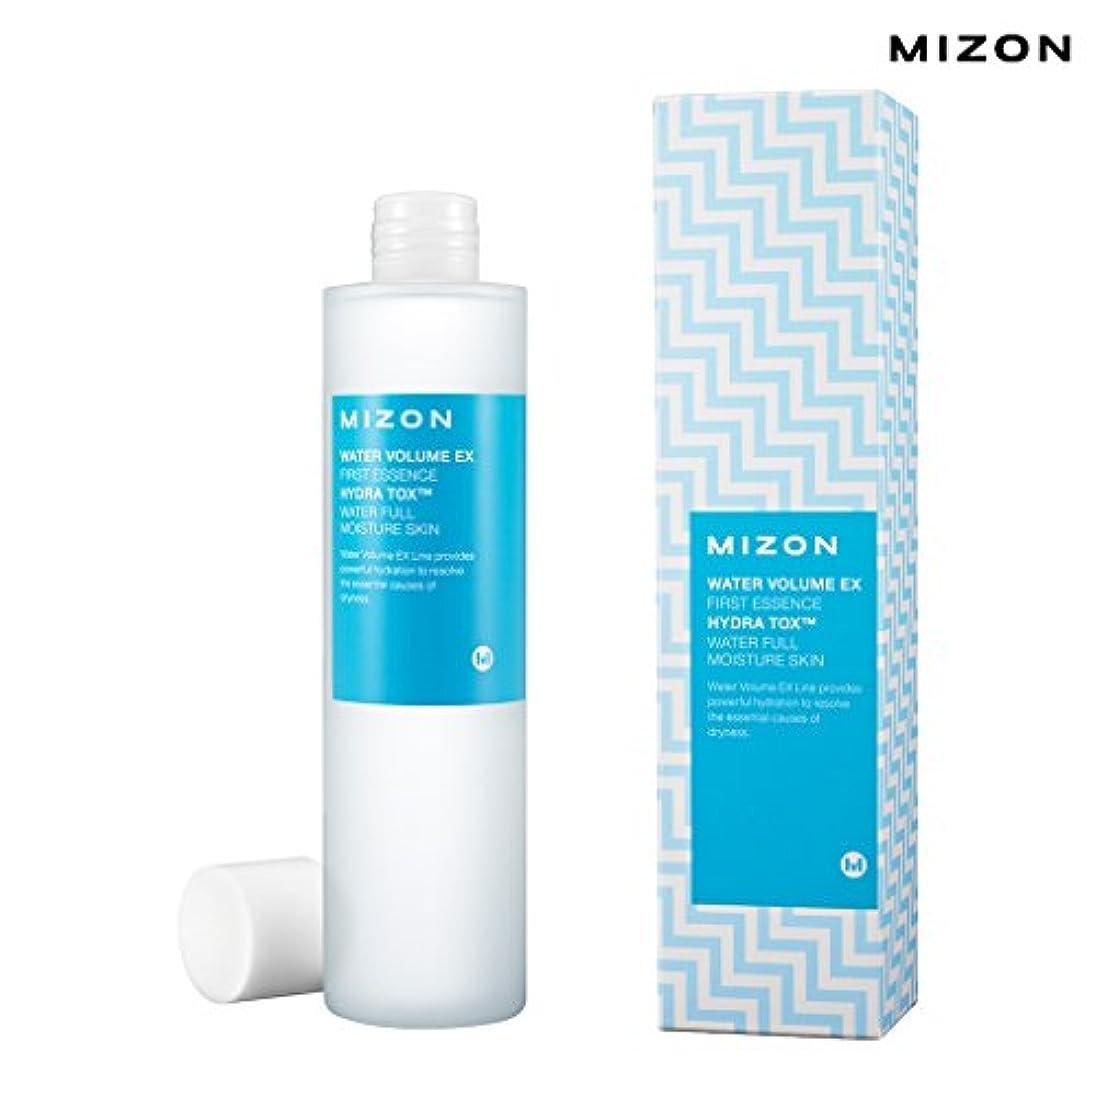 適応突然鑑定MIZON(ミズオン) ウォーターボリューム EX ファスト エッセンス [並行輸入品]